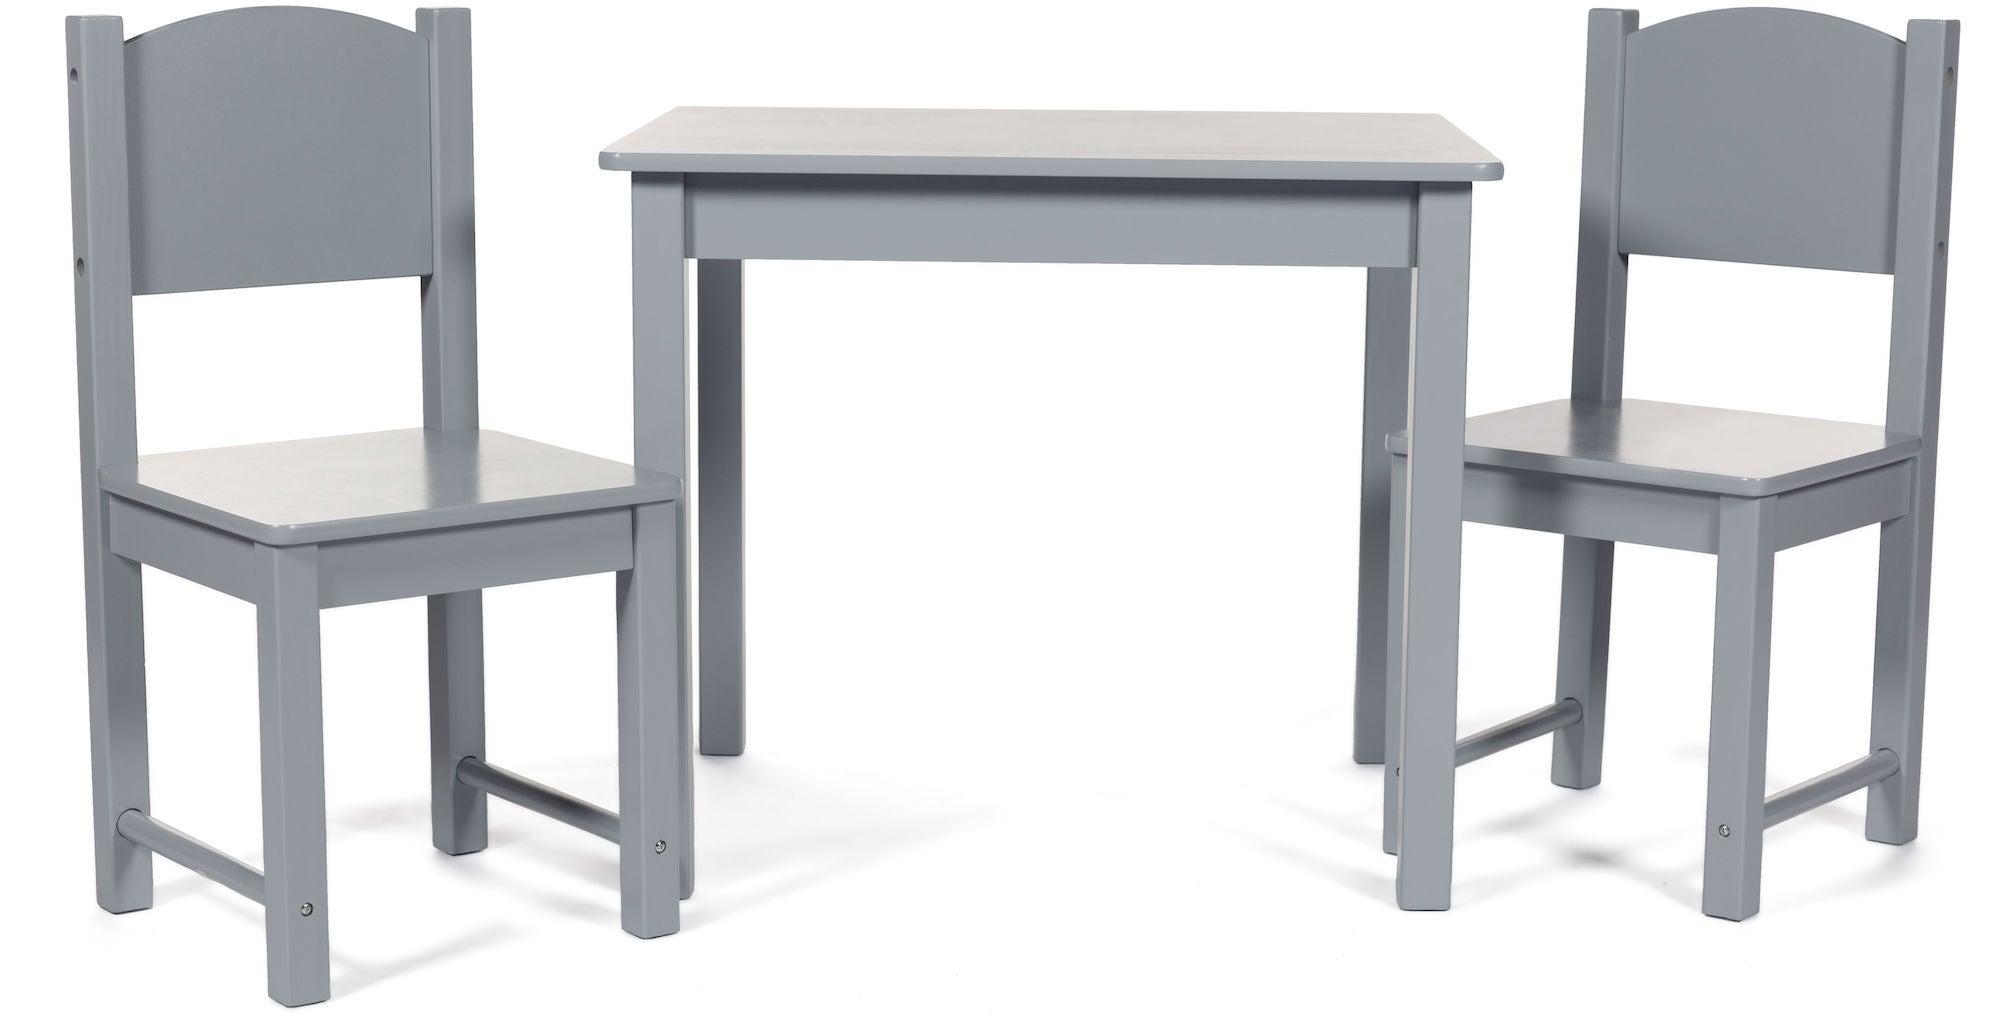 Kjøp Woodlii Bord med 2 stoler tre | Jollyroom